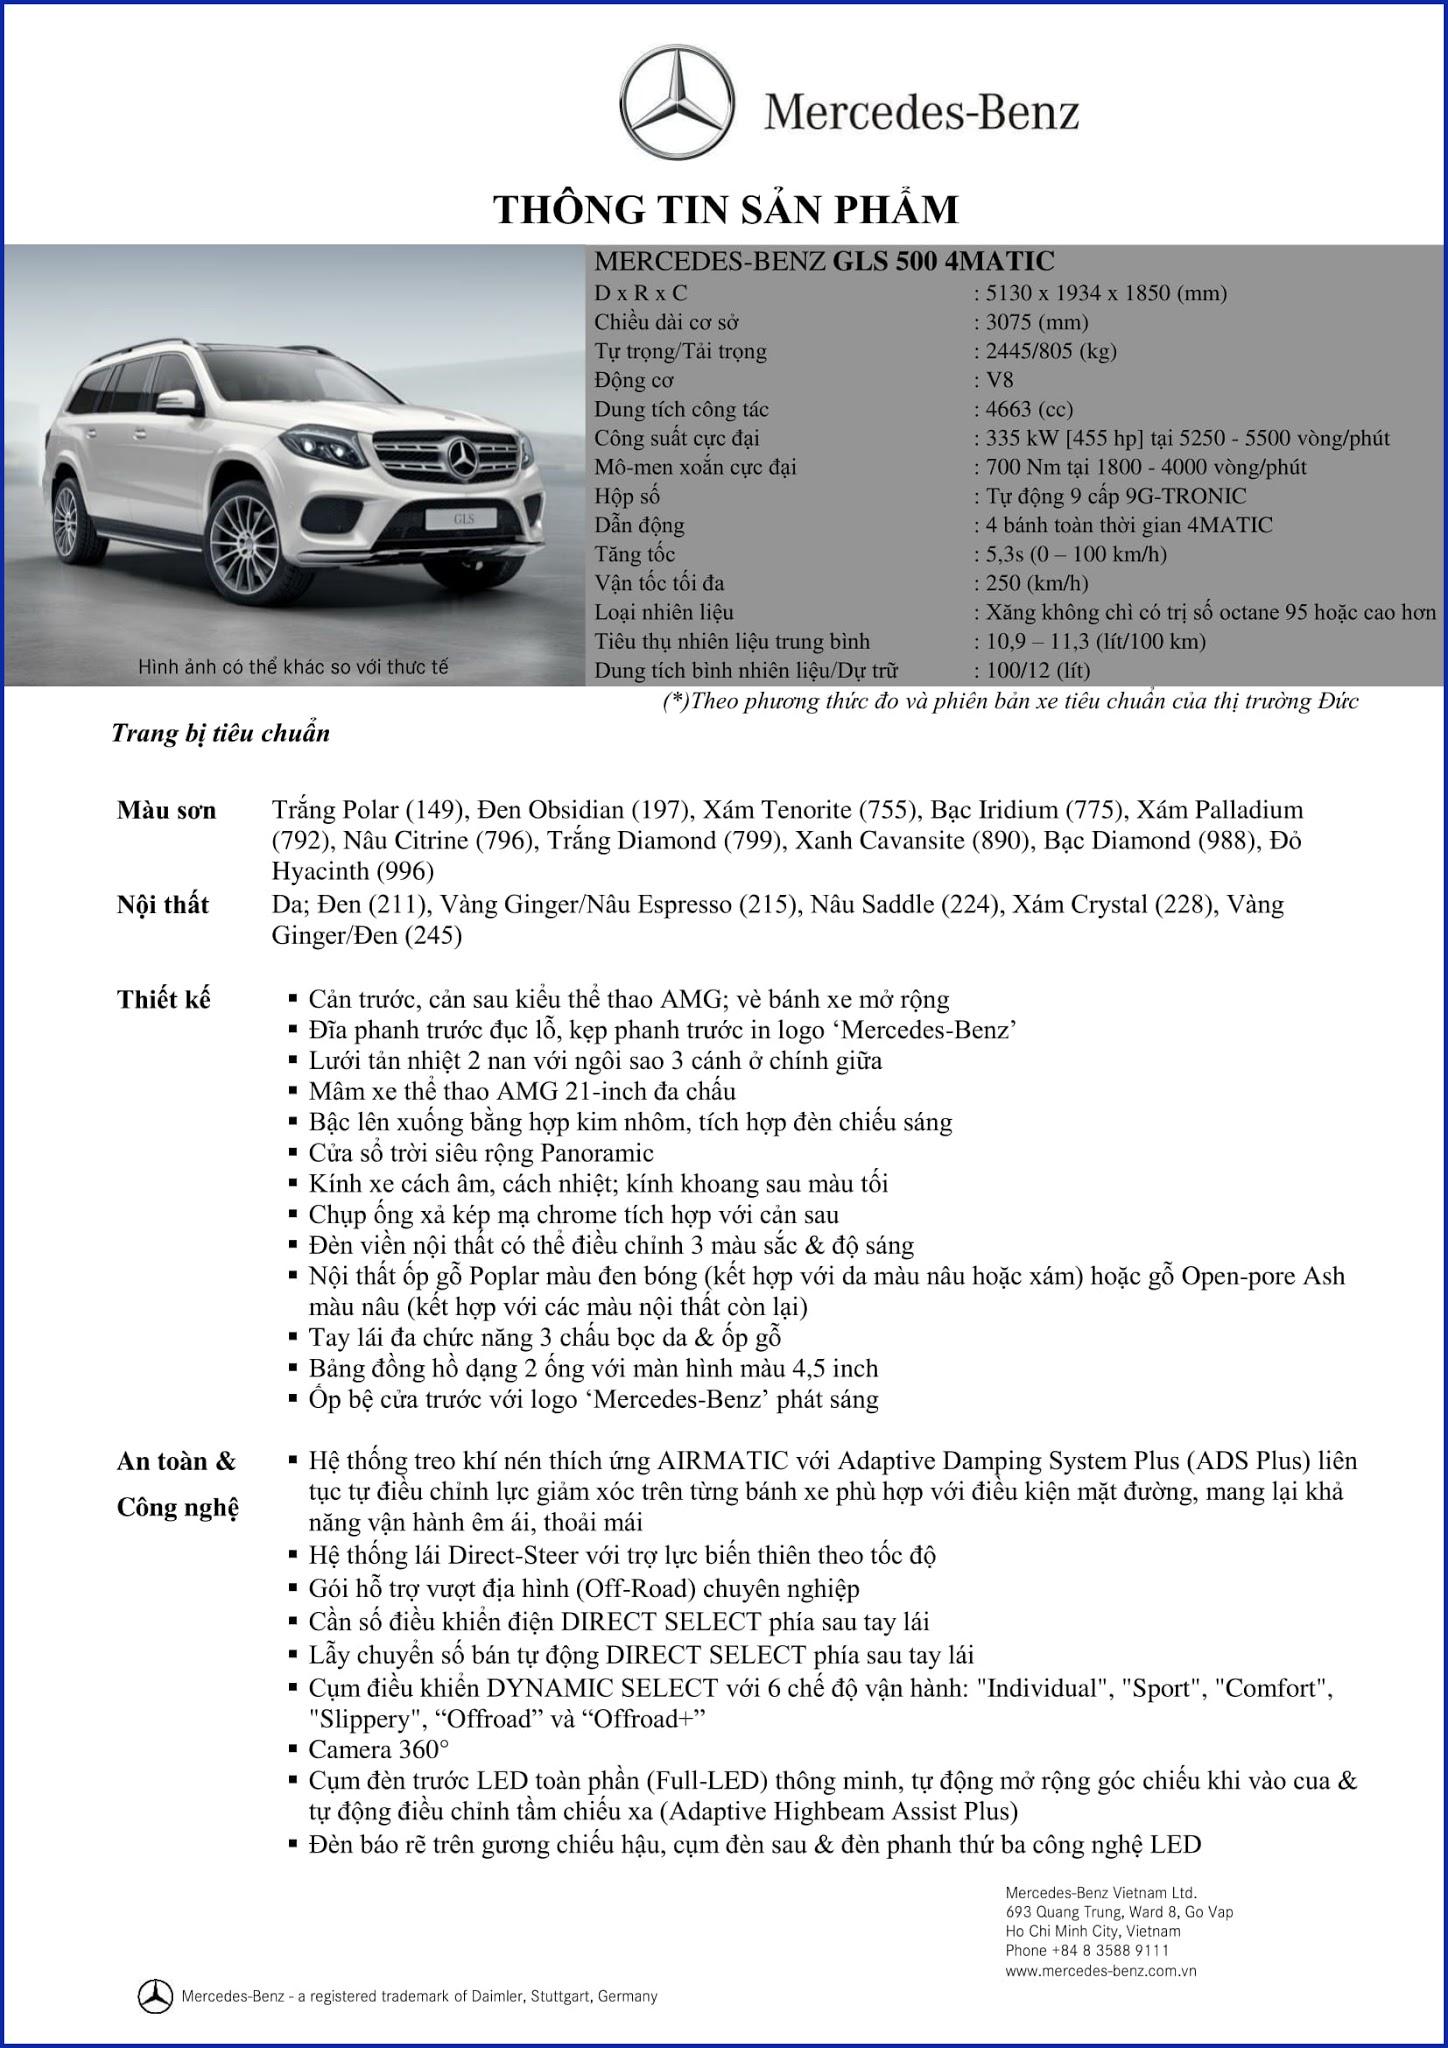 Bảng thông số kỹ thuật Mercedes GLS 500 4MATIC 2017 tại Mercedes Trường Chinh